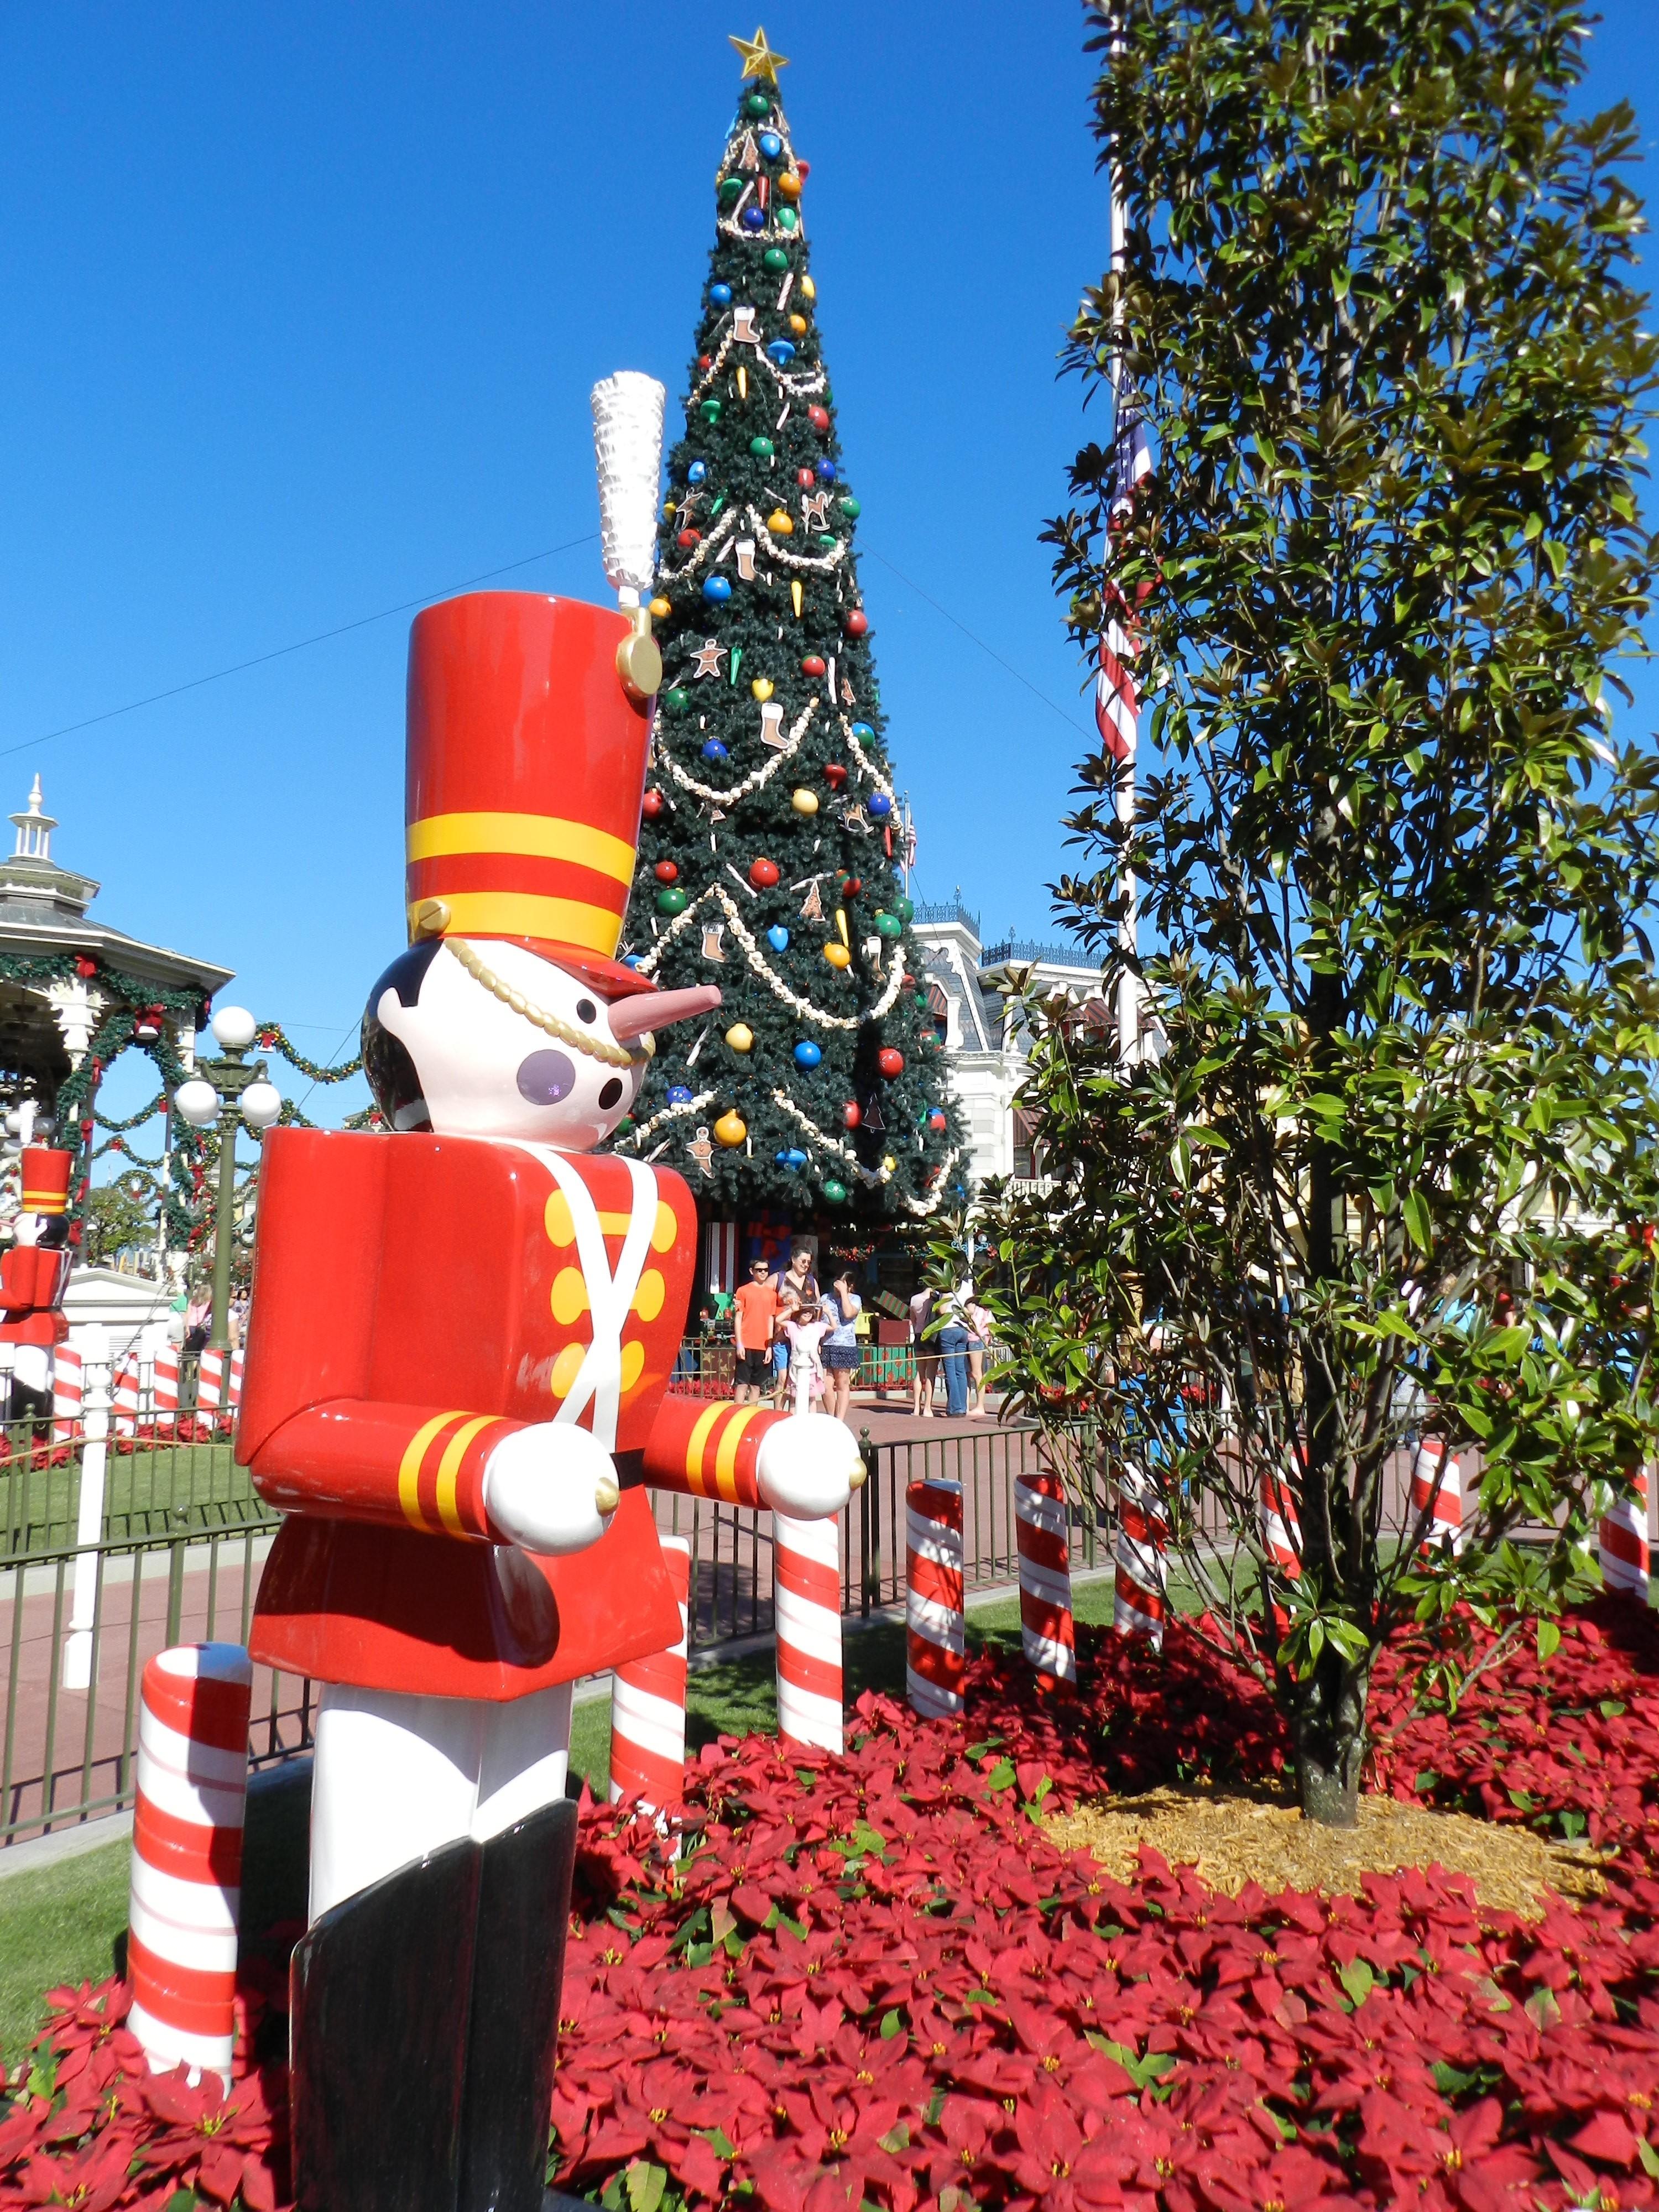 magic kingdom christmas 2012 - Christmas 2012